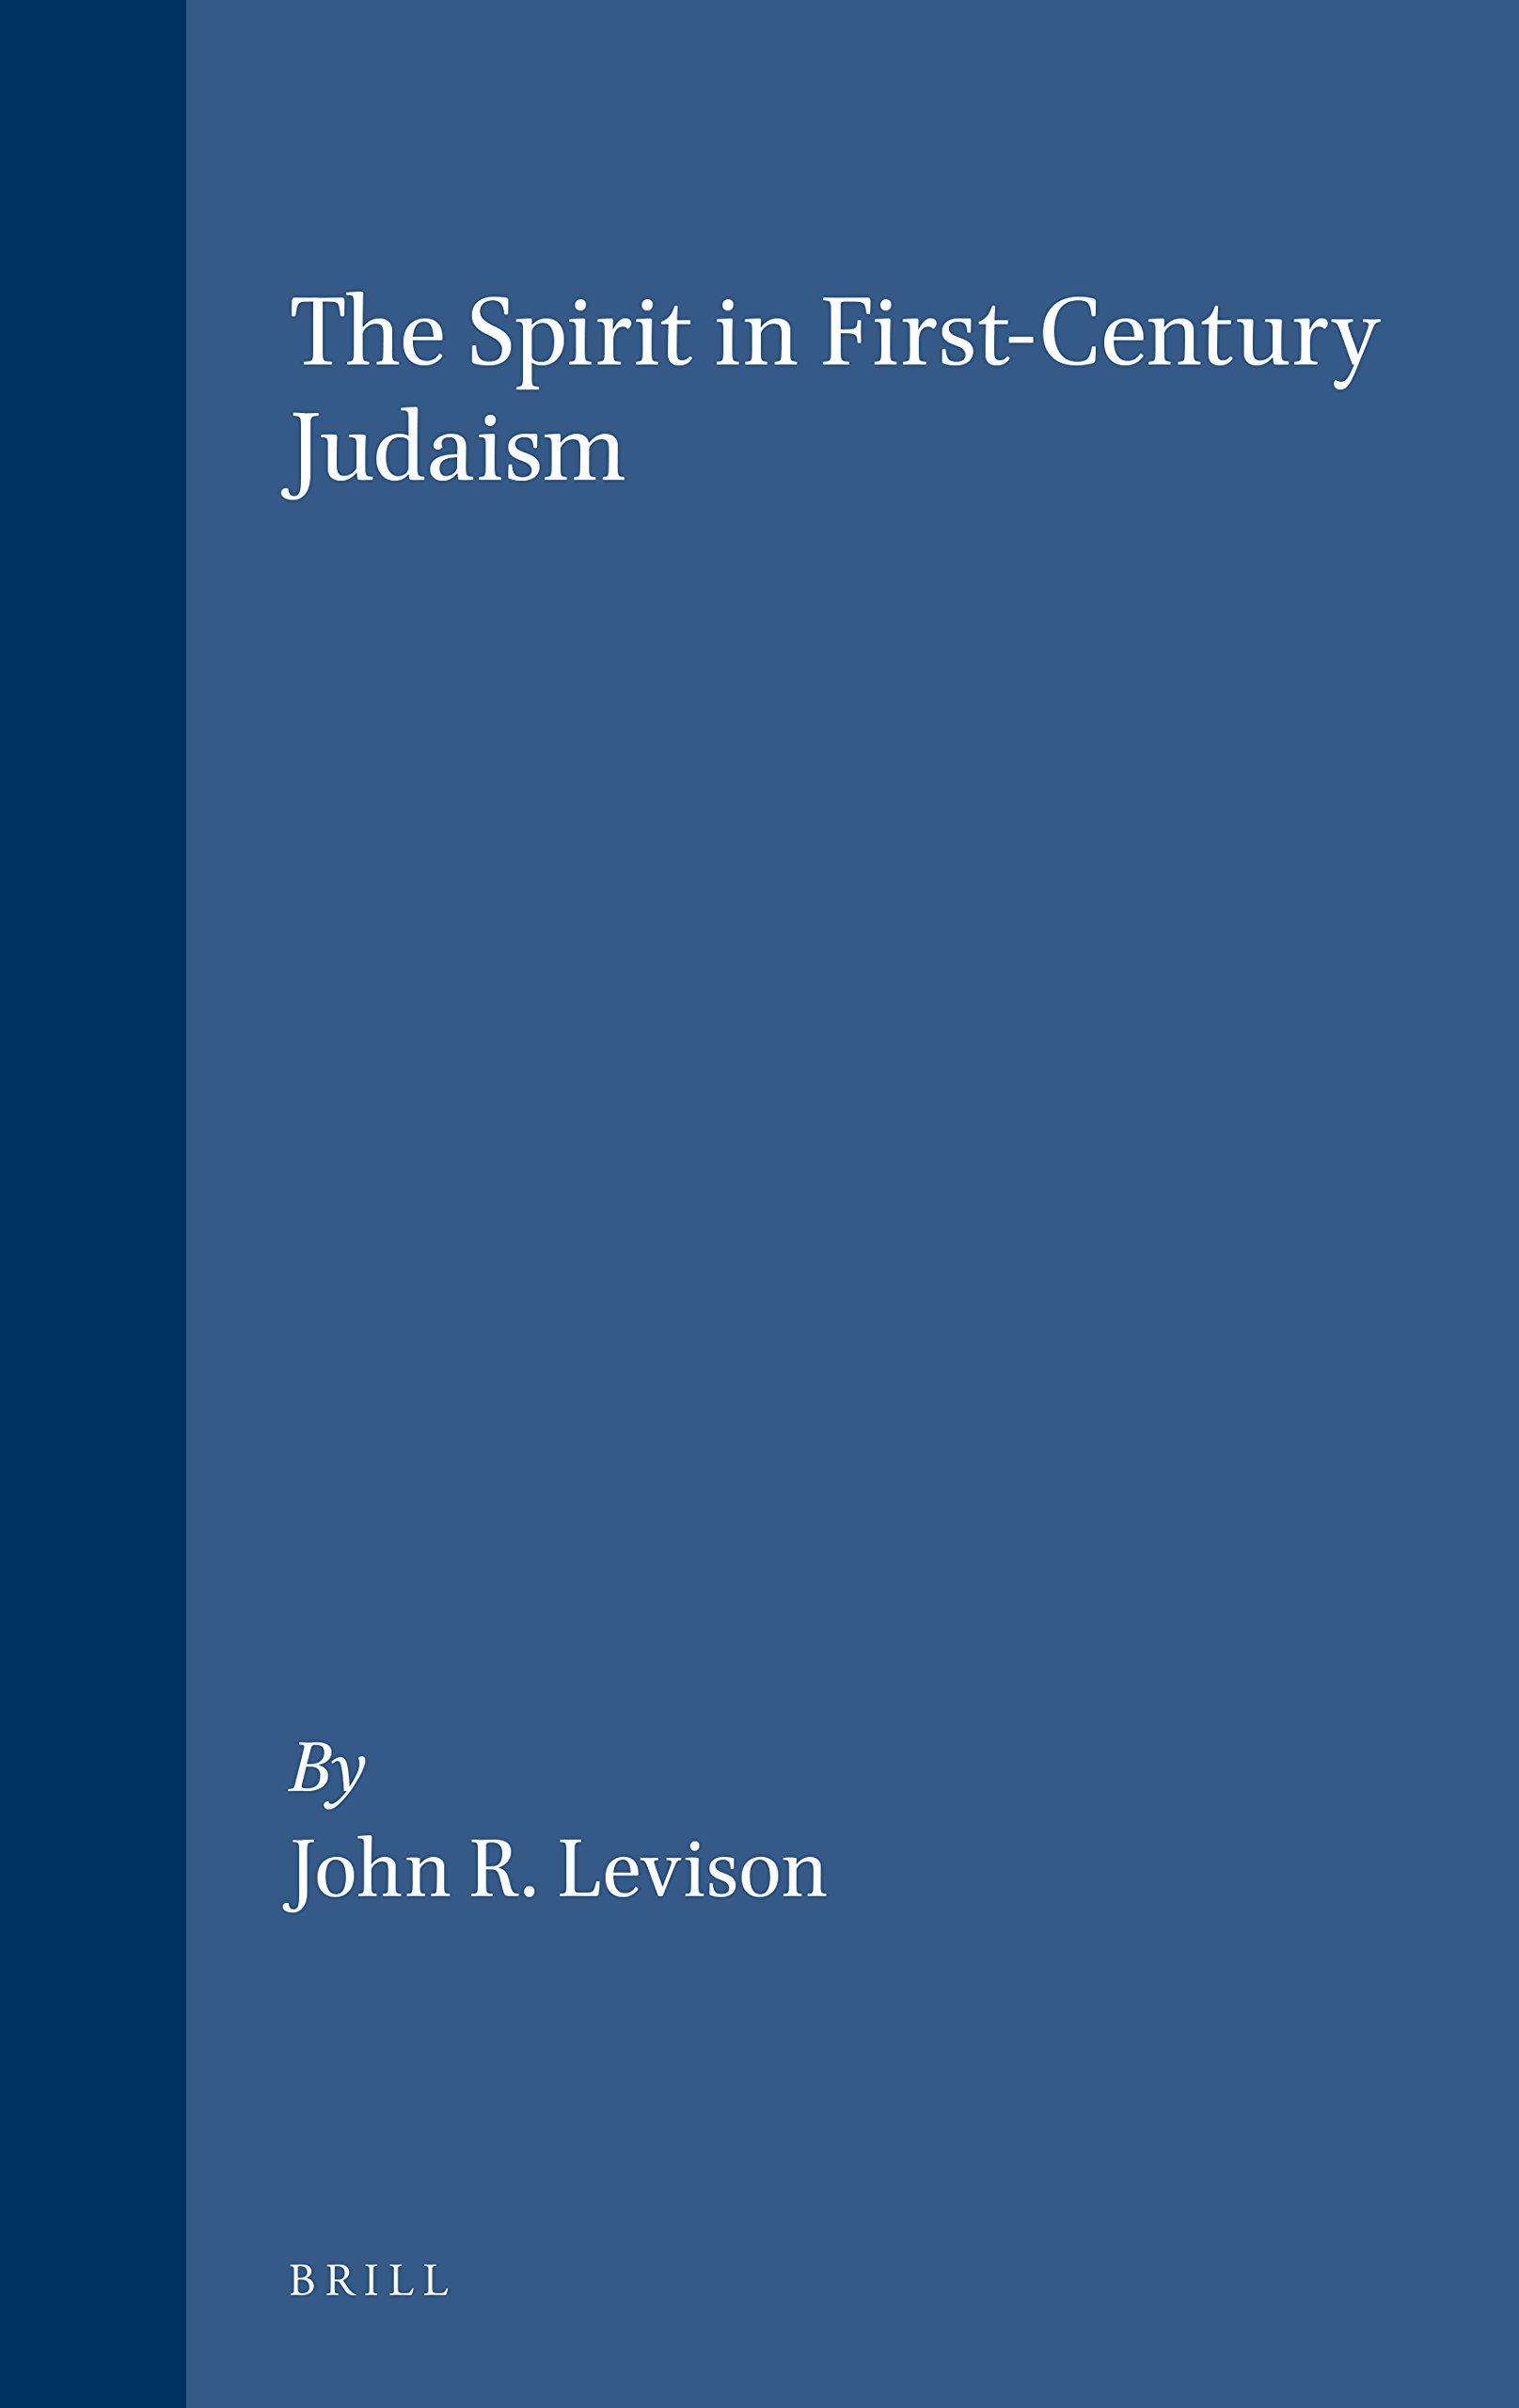 Download The Spirit in First-Century Judaism ebook